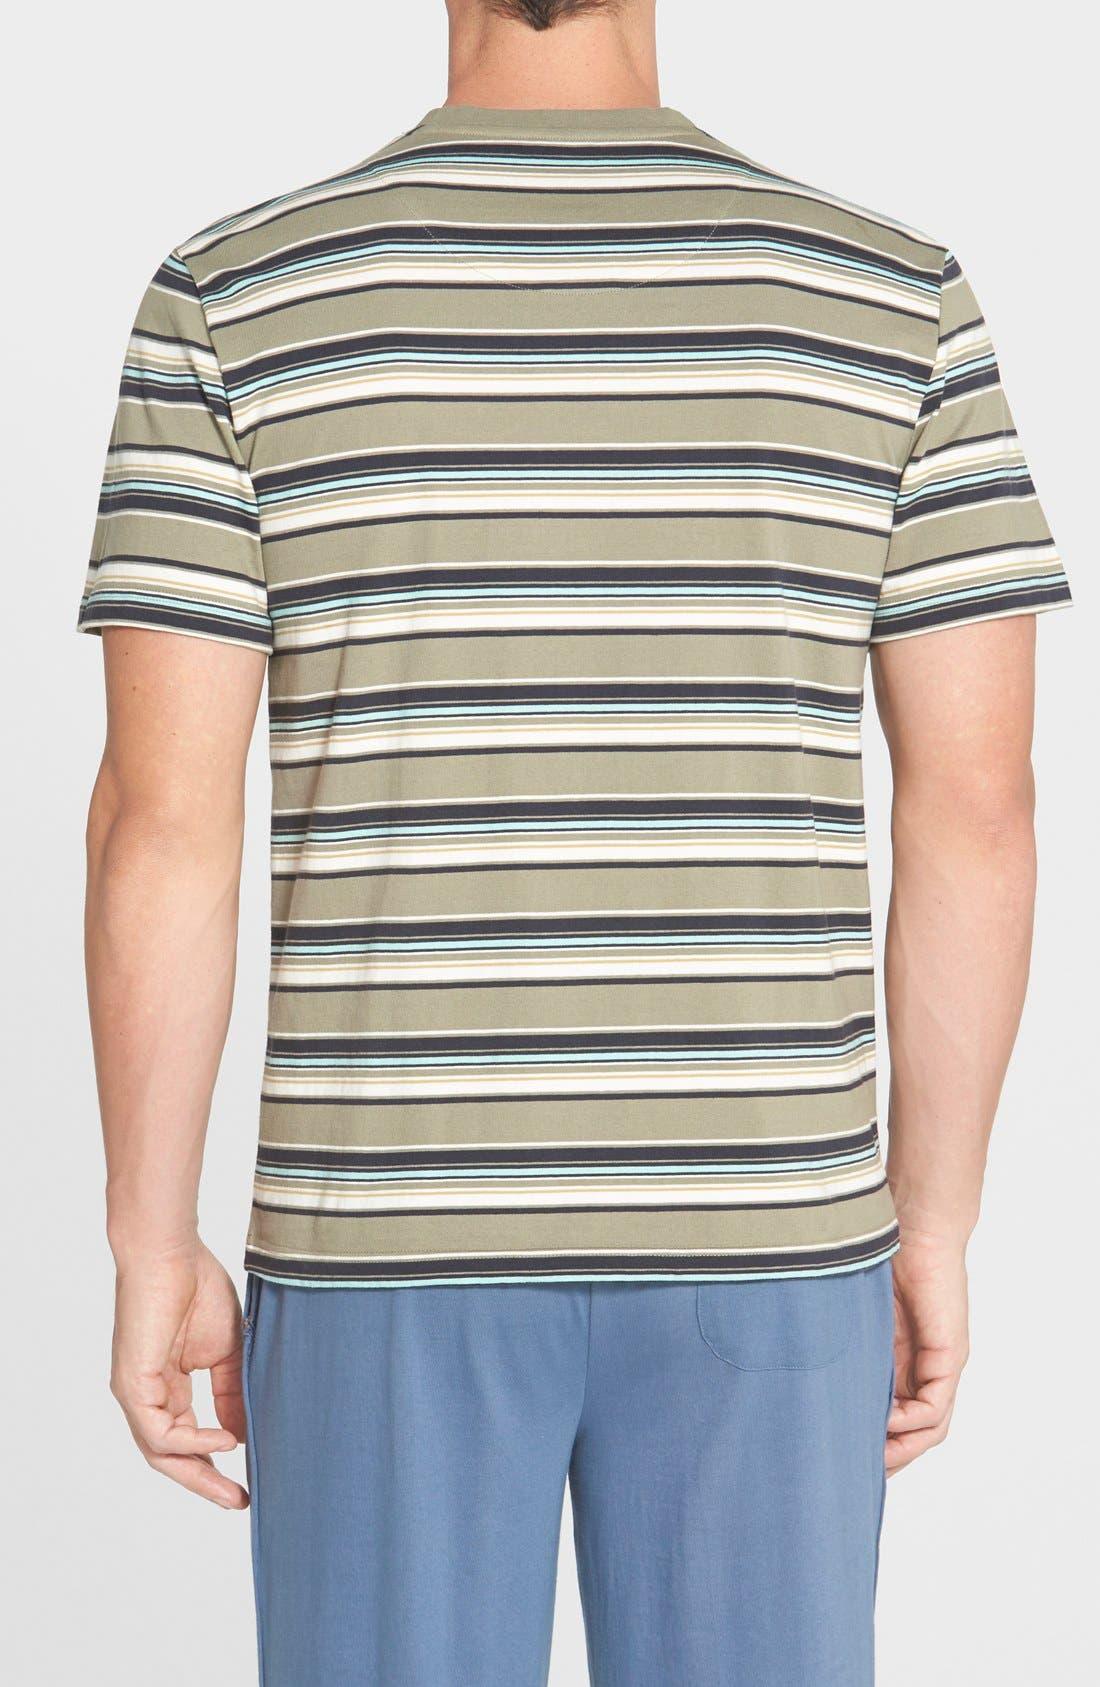 'Greenhouse' Crewneck Cotton T-Shirt,                             Alternate thumbnail 2, color,                             310